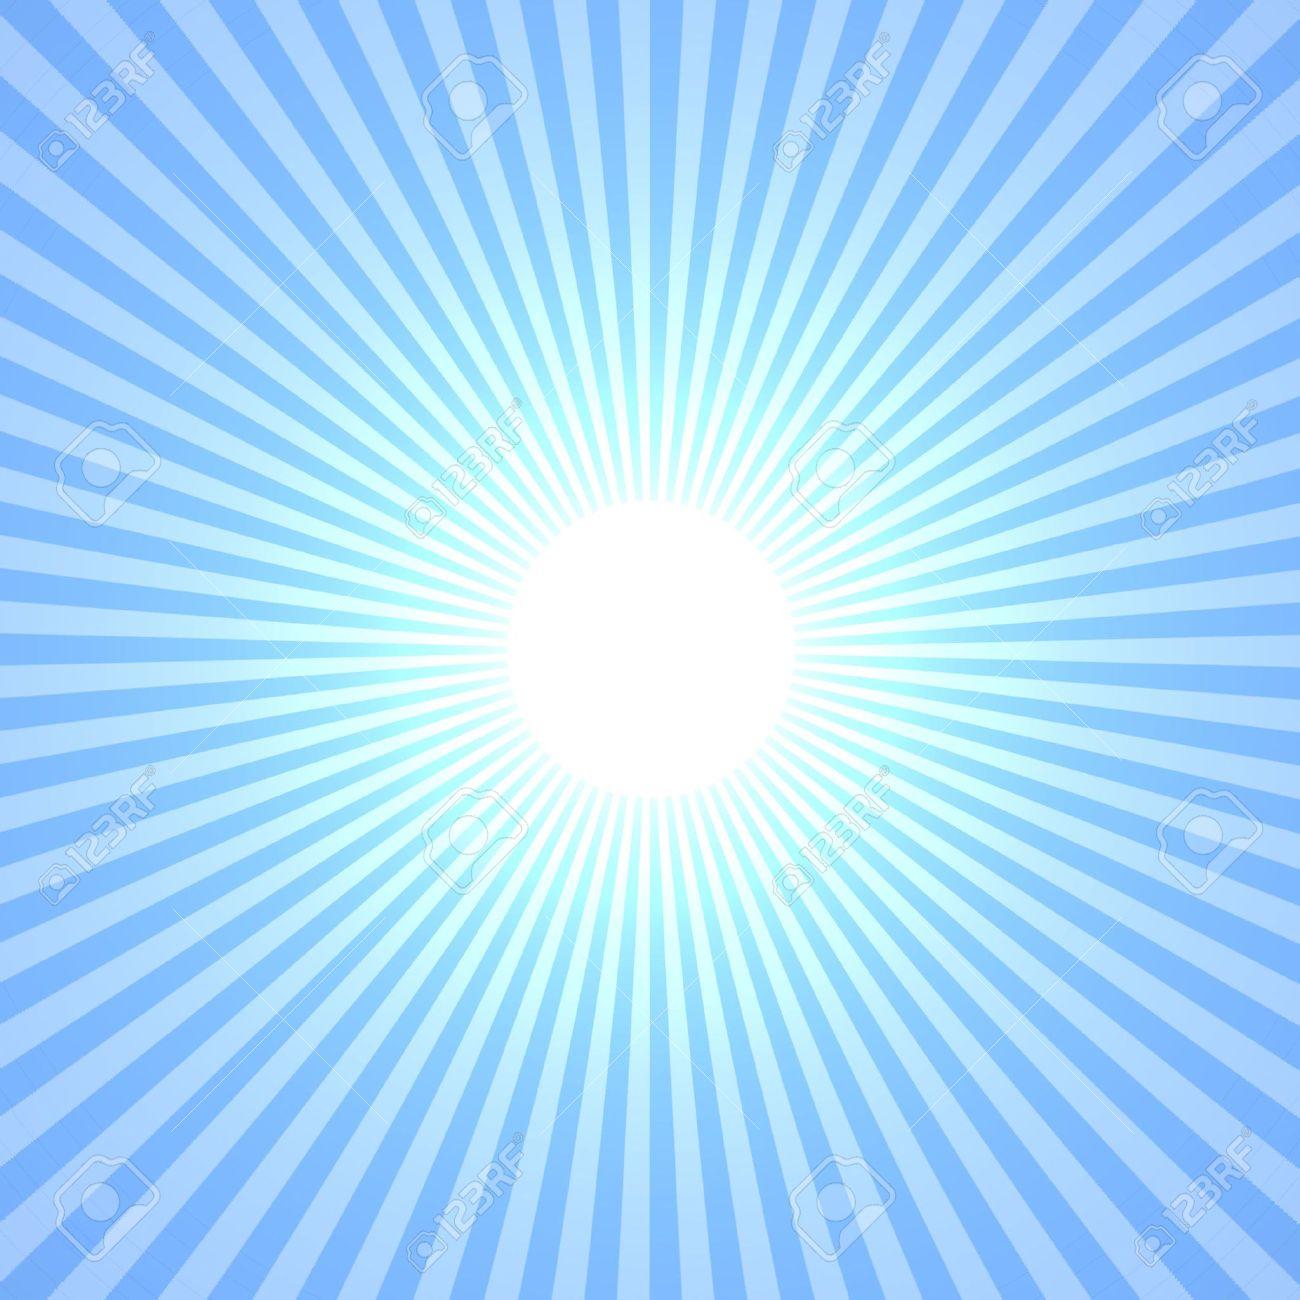 Sun Rays Sunburst Light Rays Sunbeam Stock Vector 655109869 ...